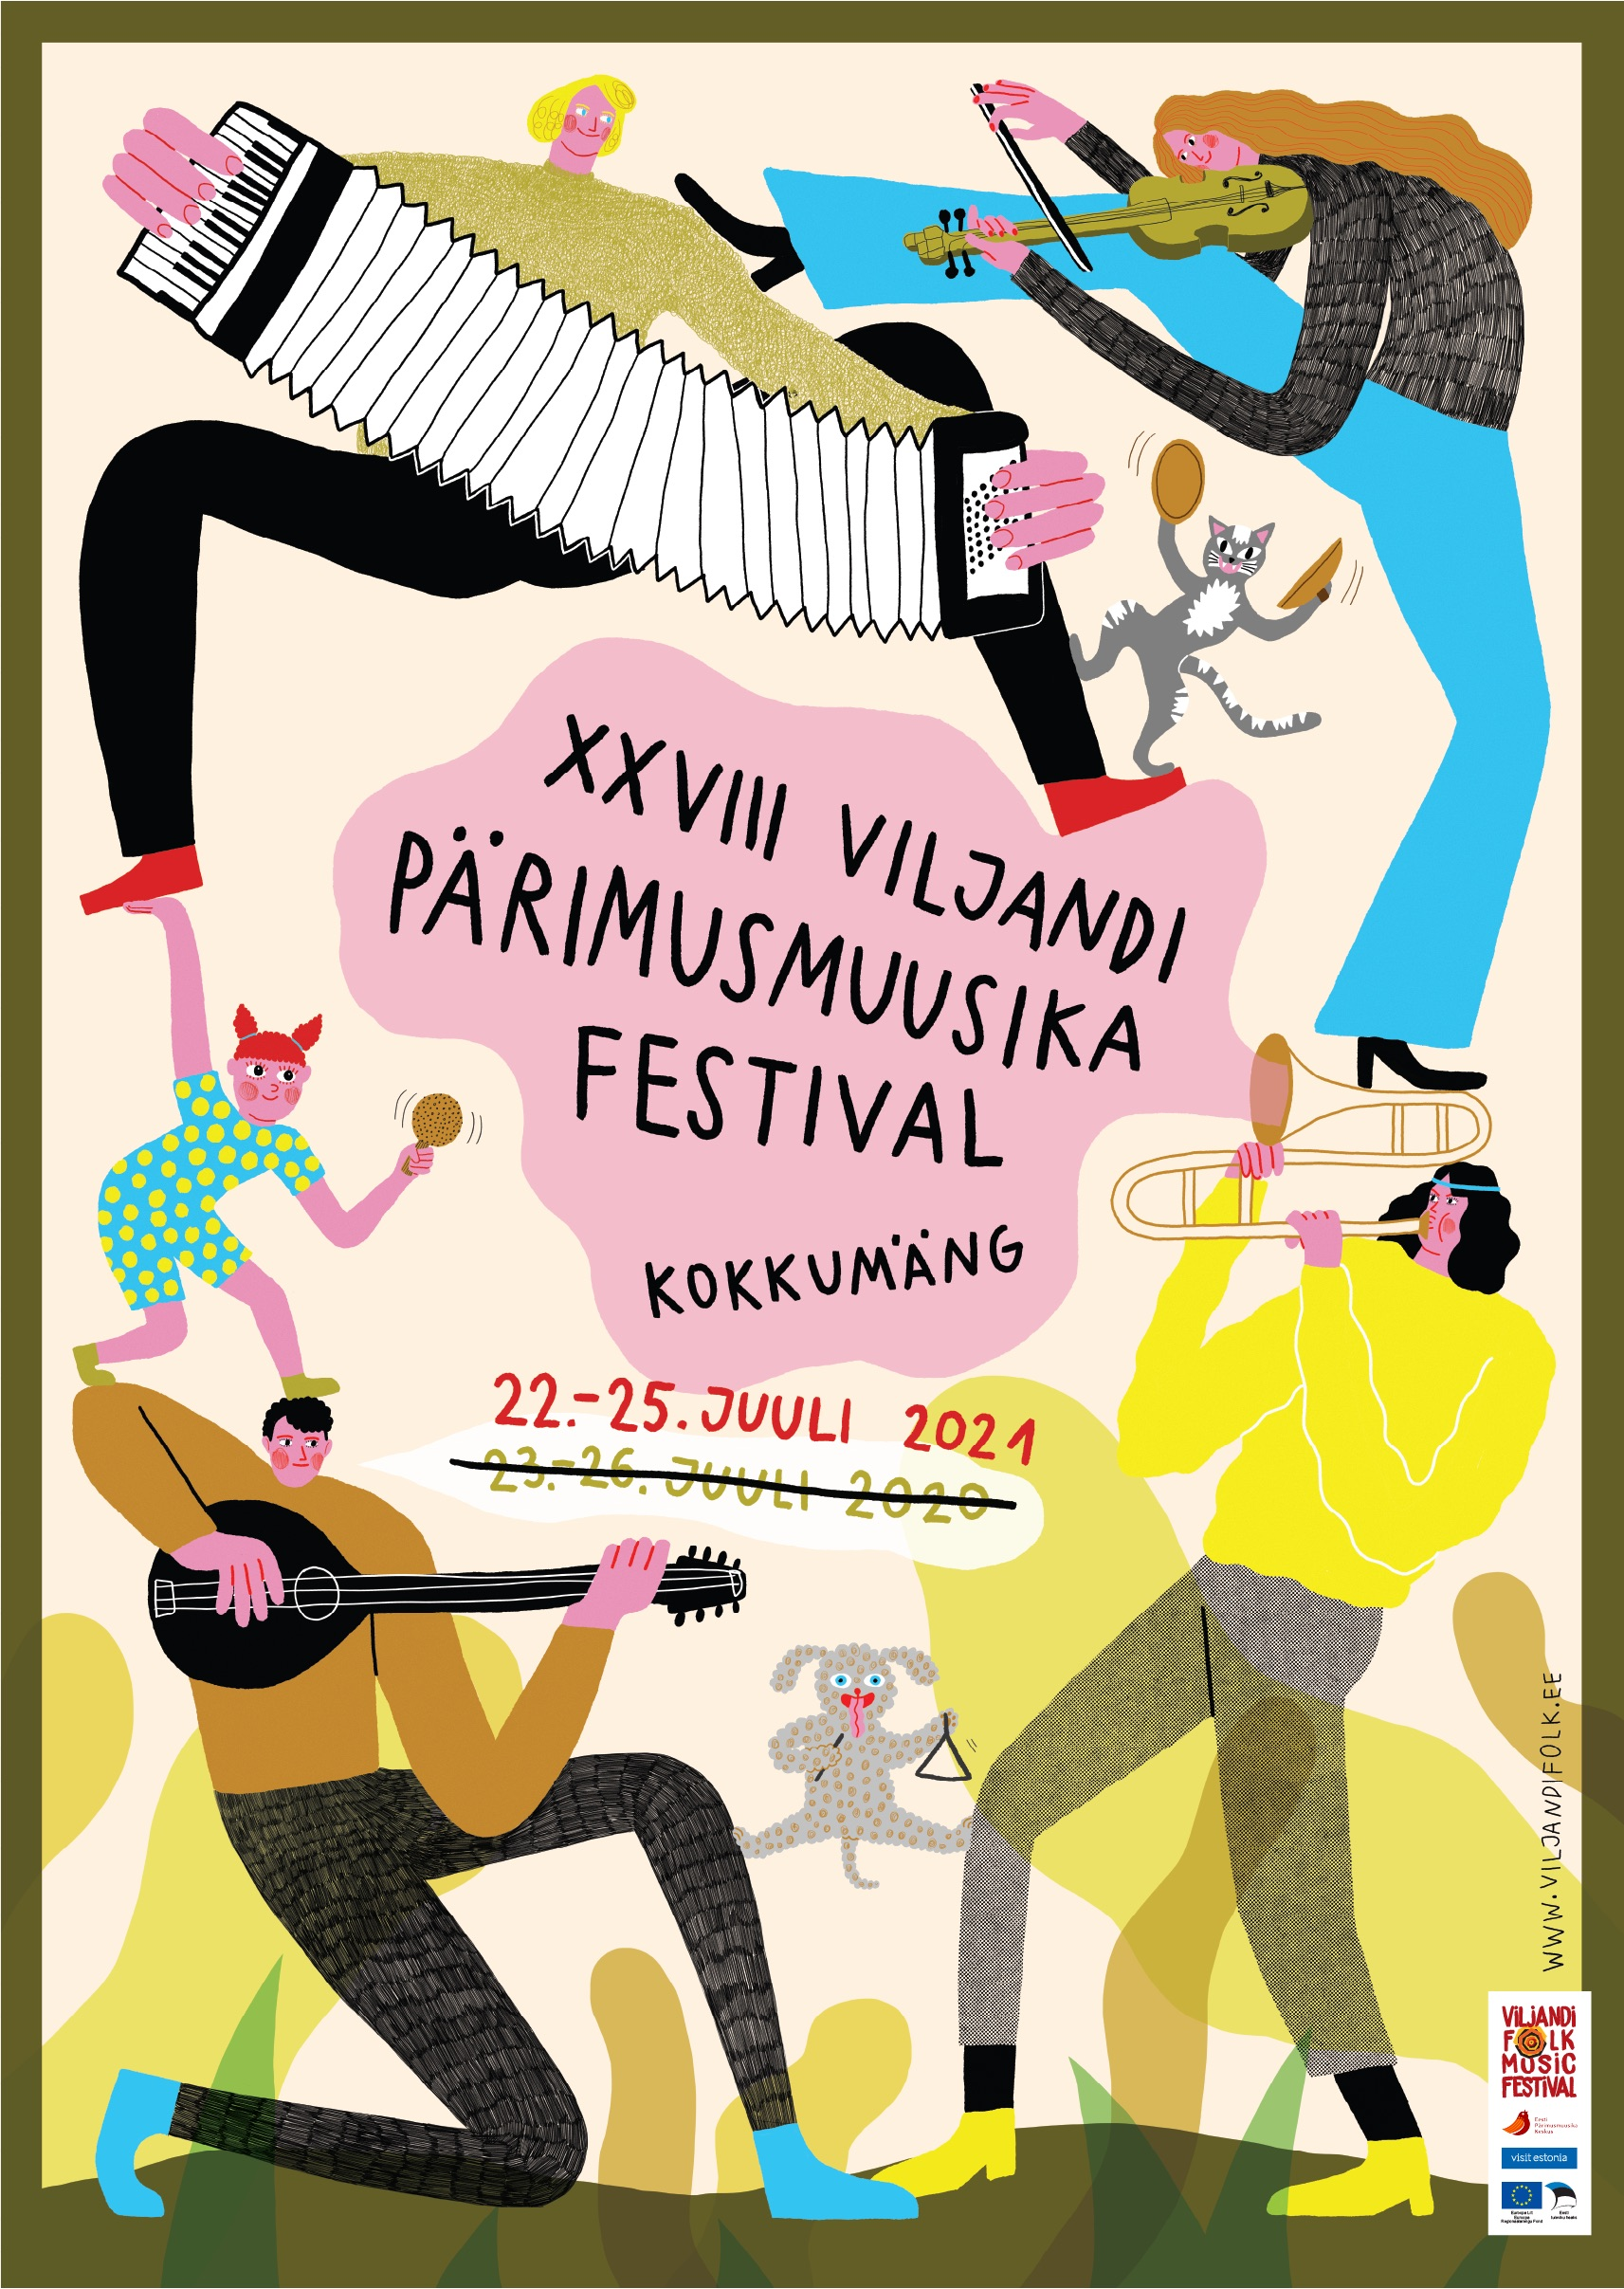 Viljandi pärimusmuusika festivali asemel toimub kaks pärimusmuusika kontserdipäeva